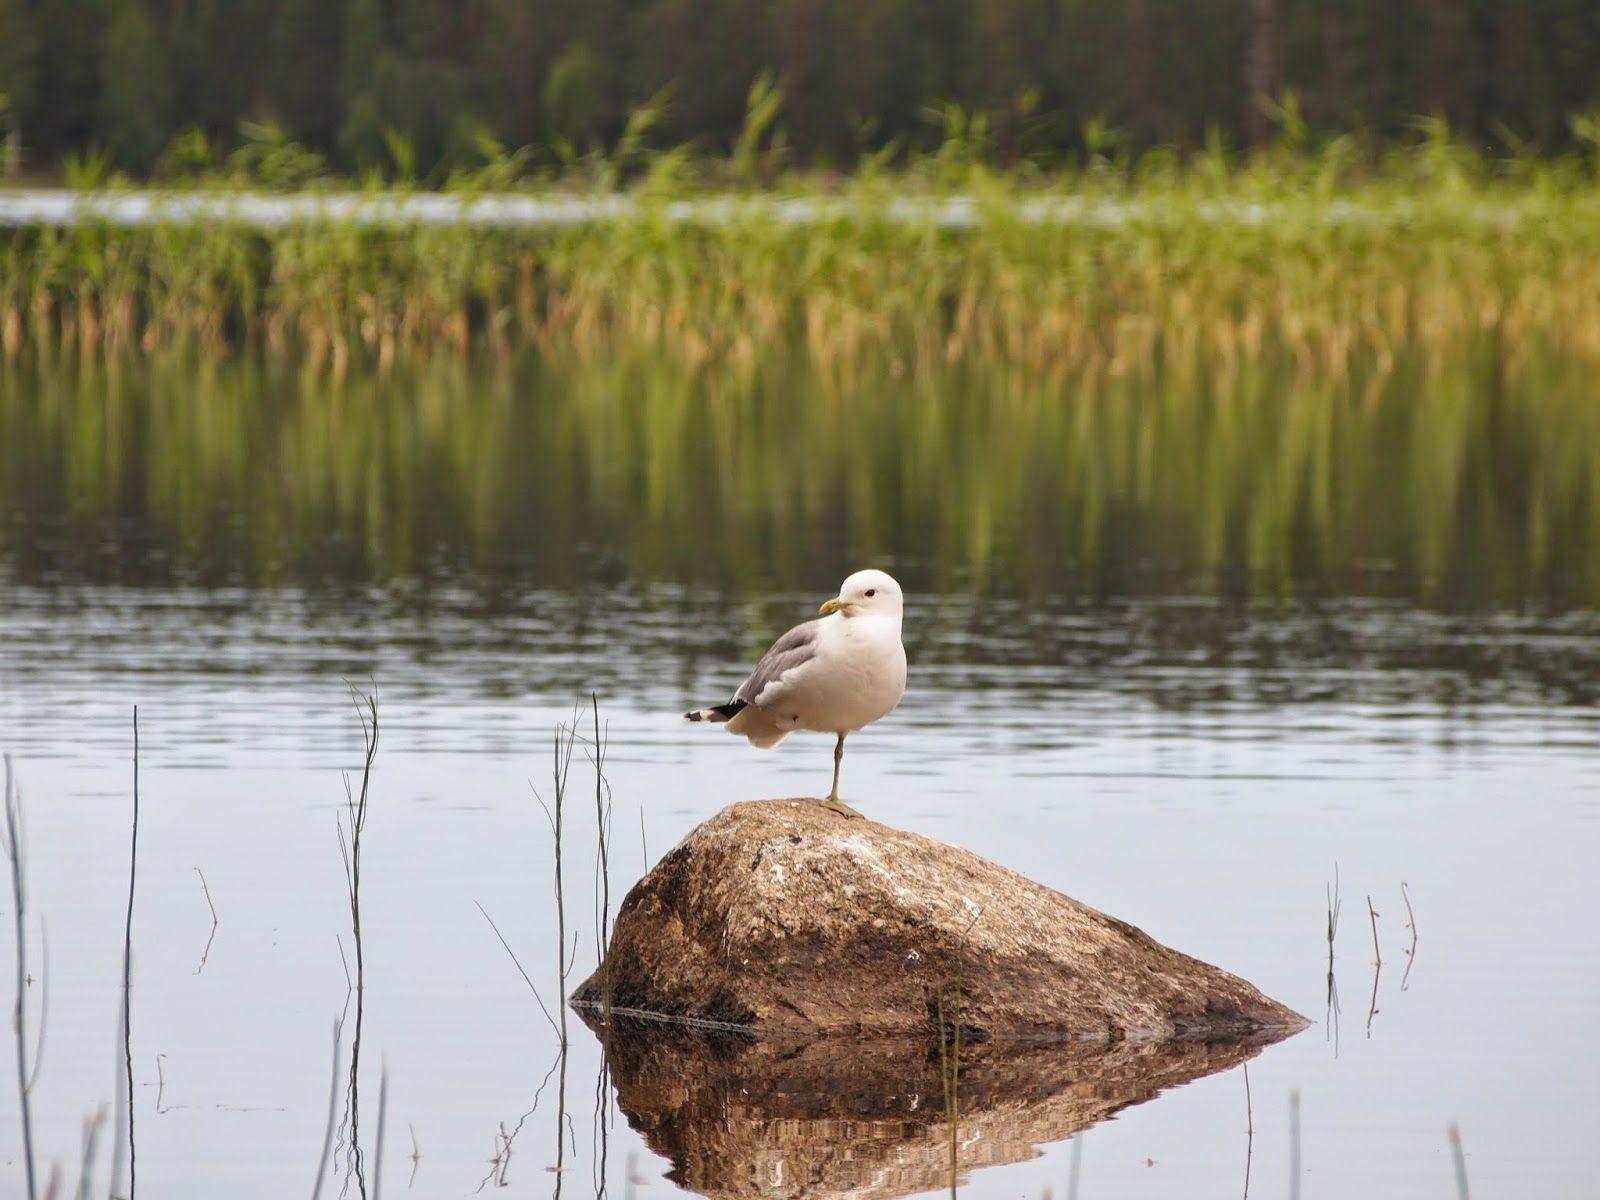 luonto kuvat ja kortit: harmalokki